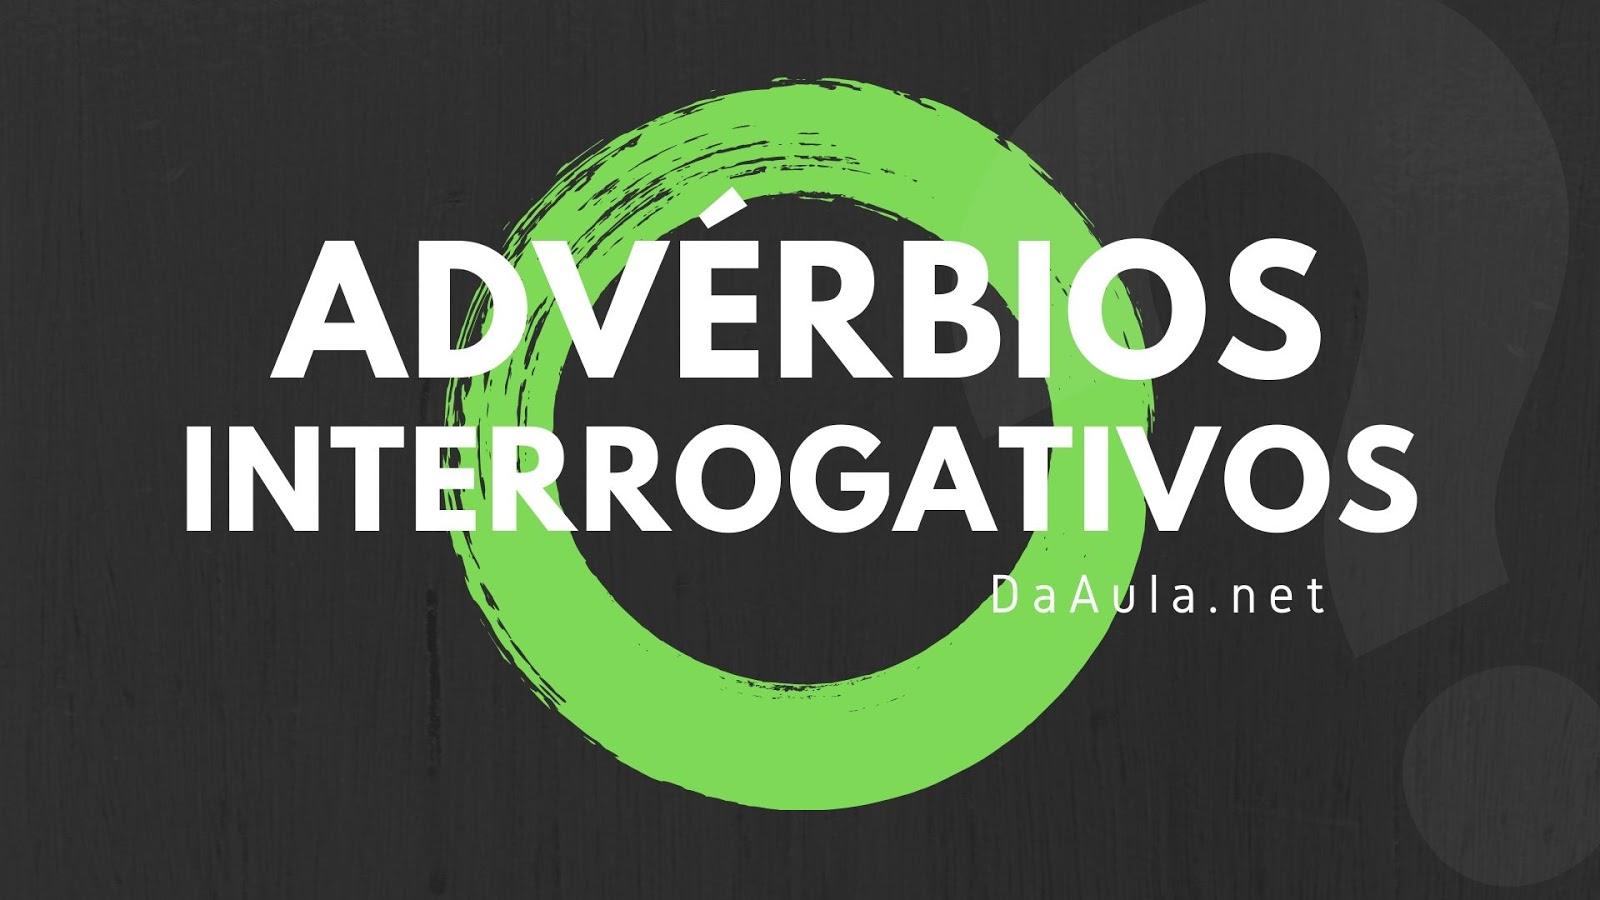 Língua Portuguesa: O que säo Advérbios Interrogativos